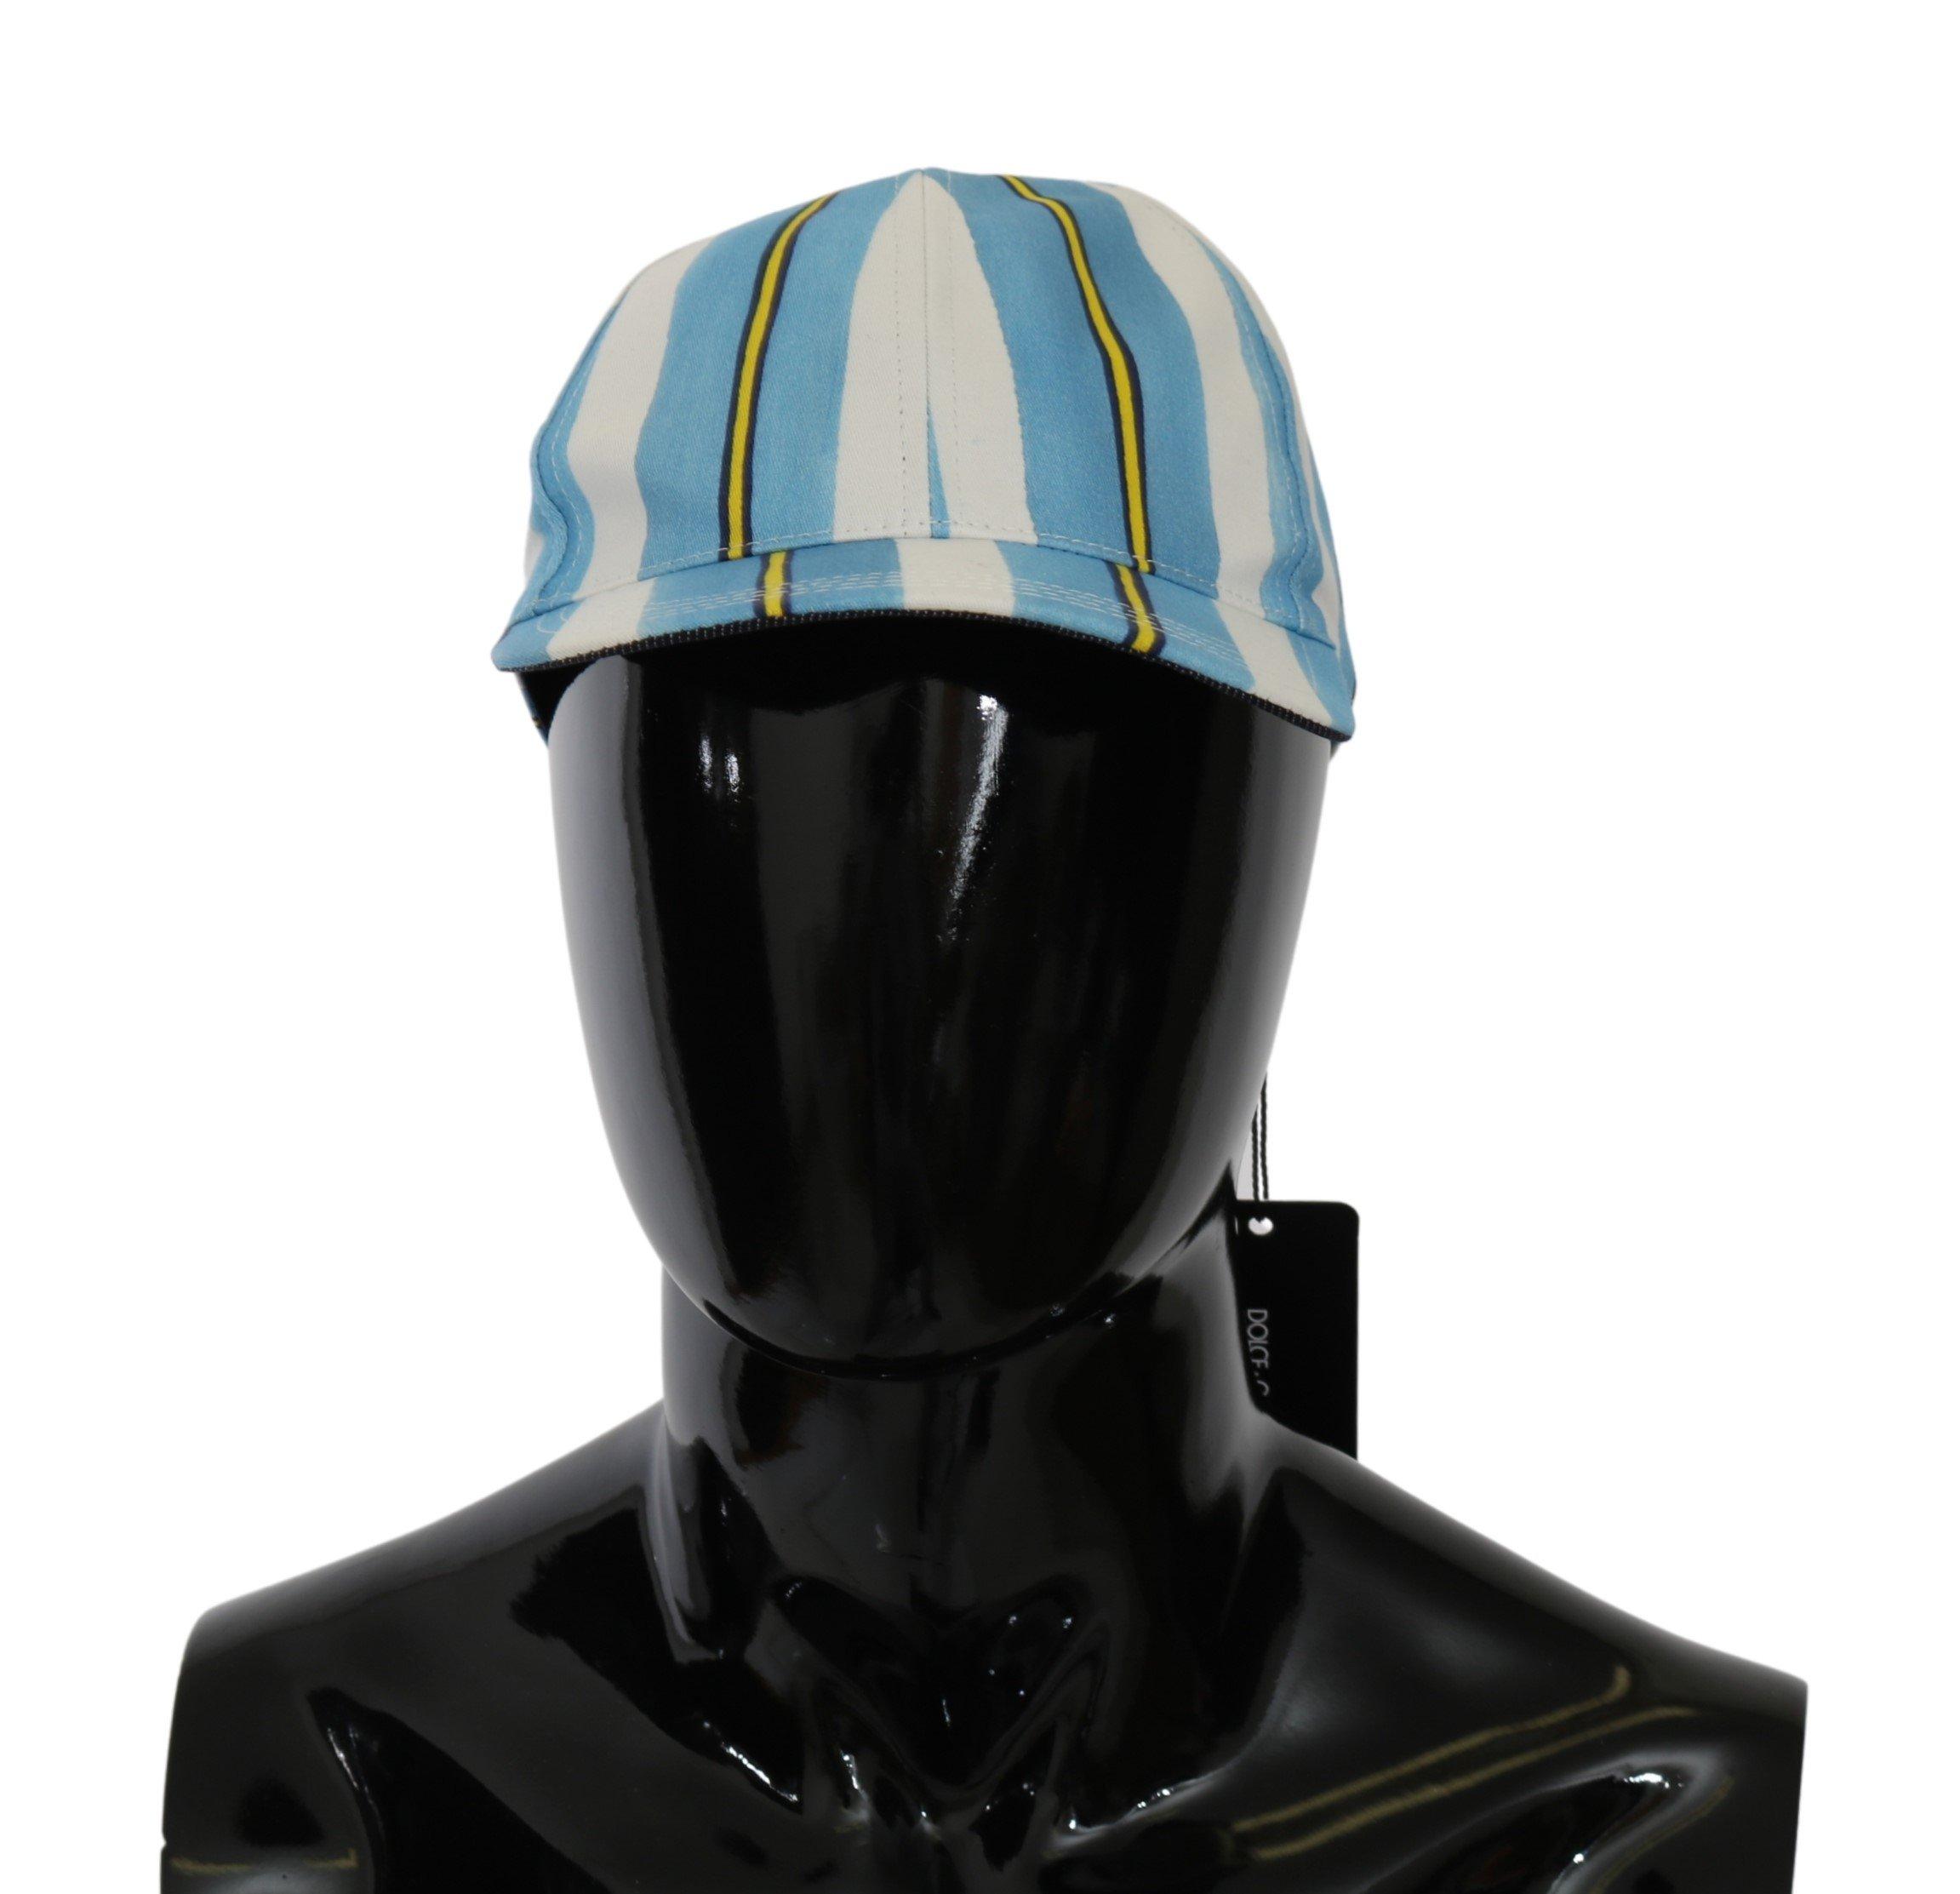 Dolce & Gabbana Men's Stripes Baseball Cotton Cap Multicolor HAT20054 - 57 cm|S